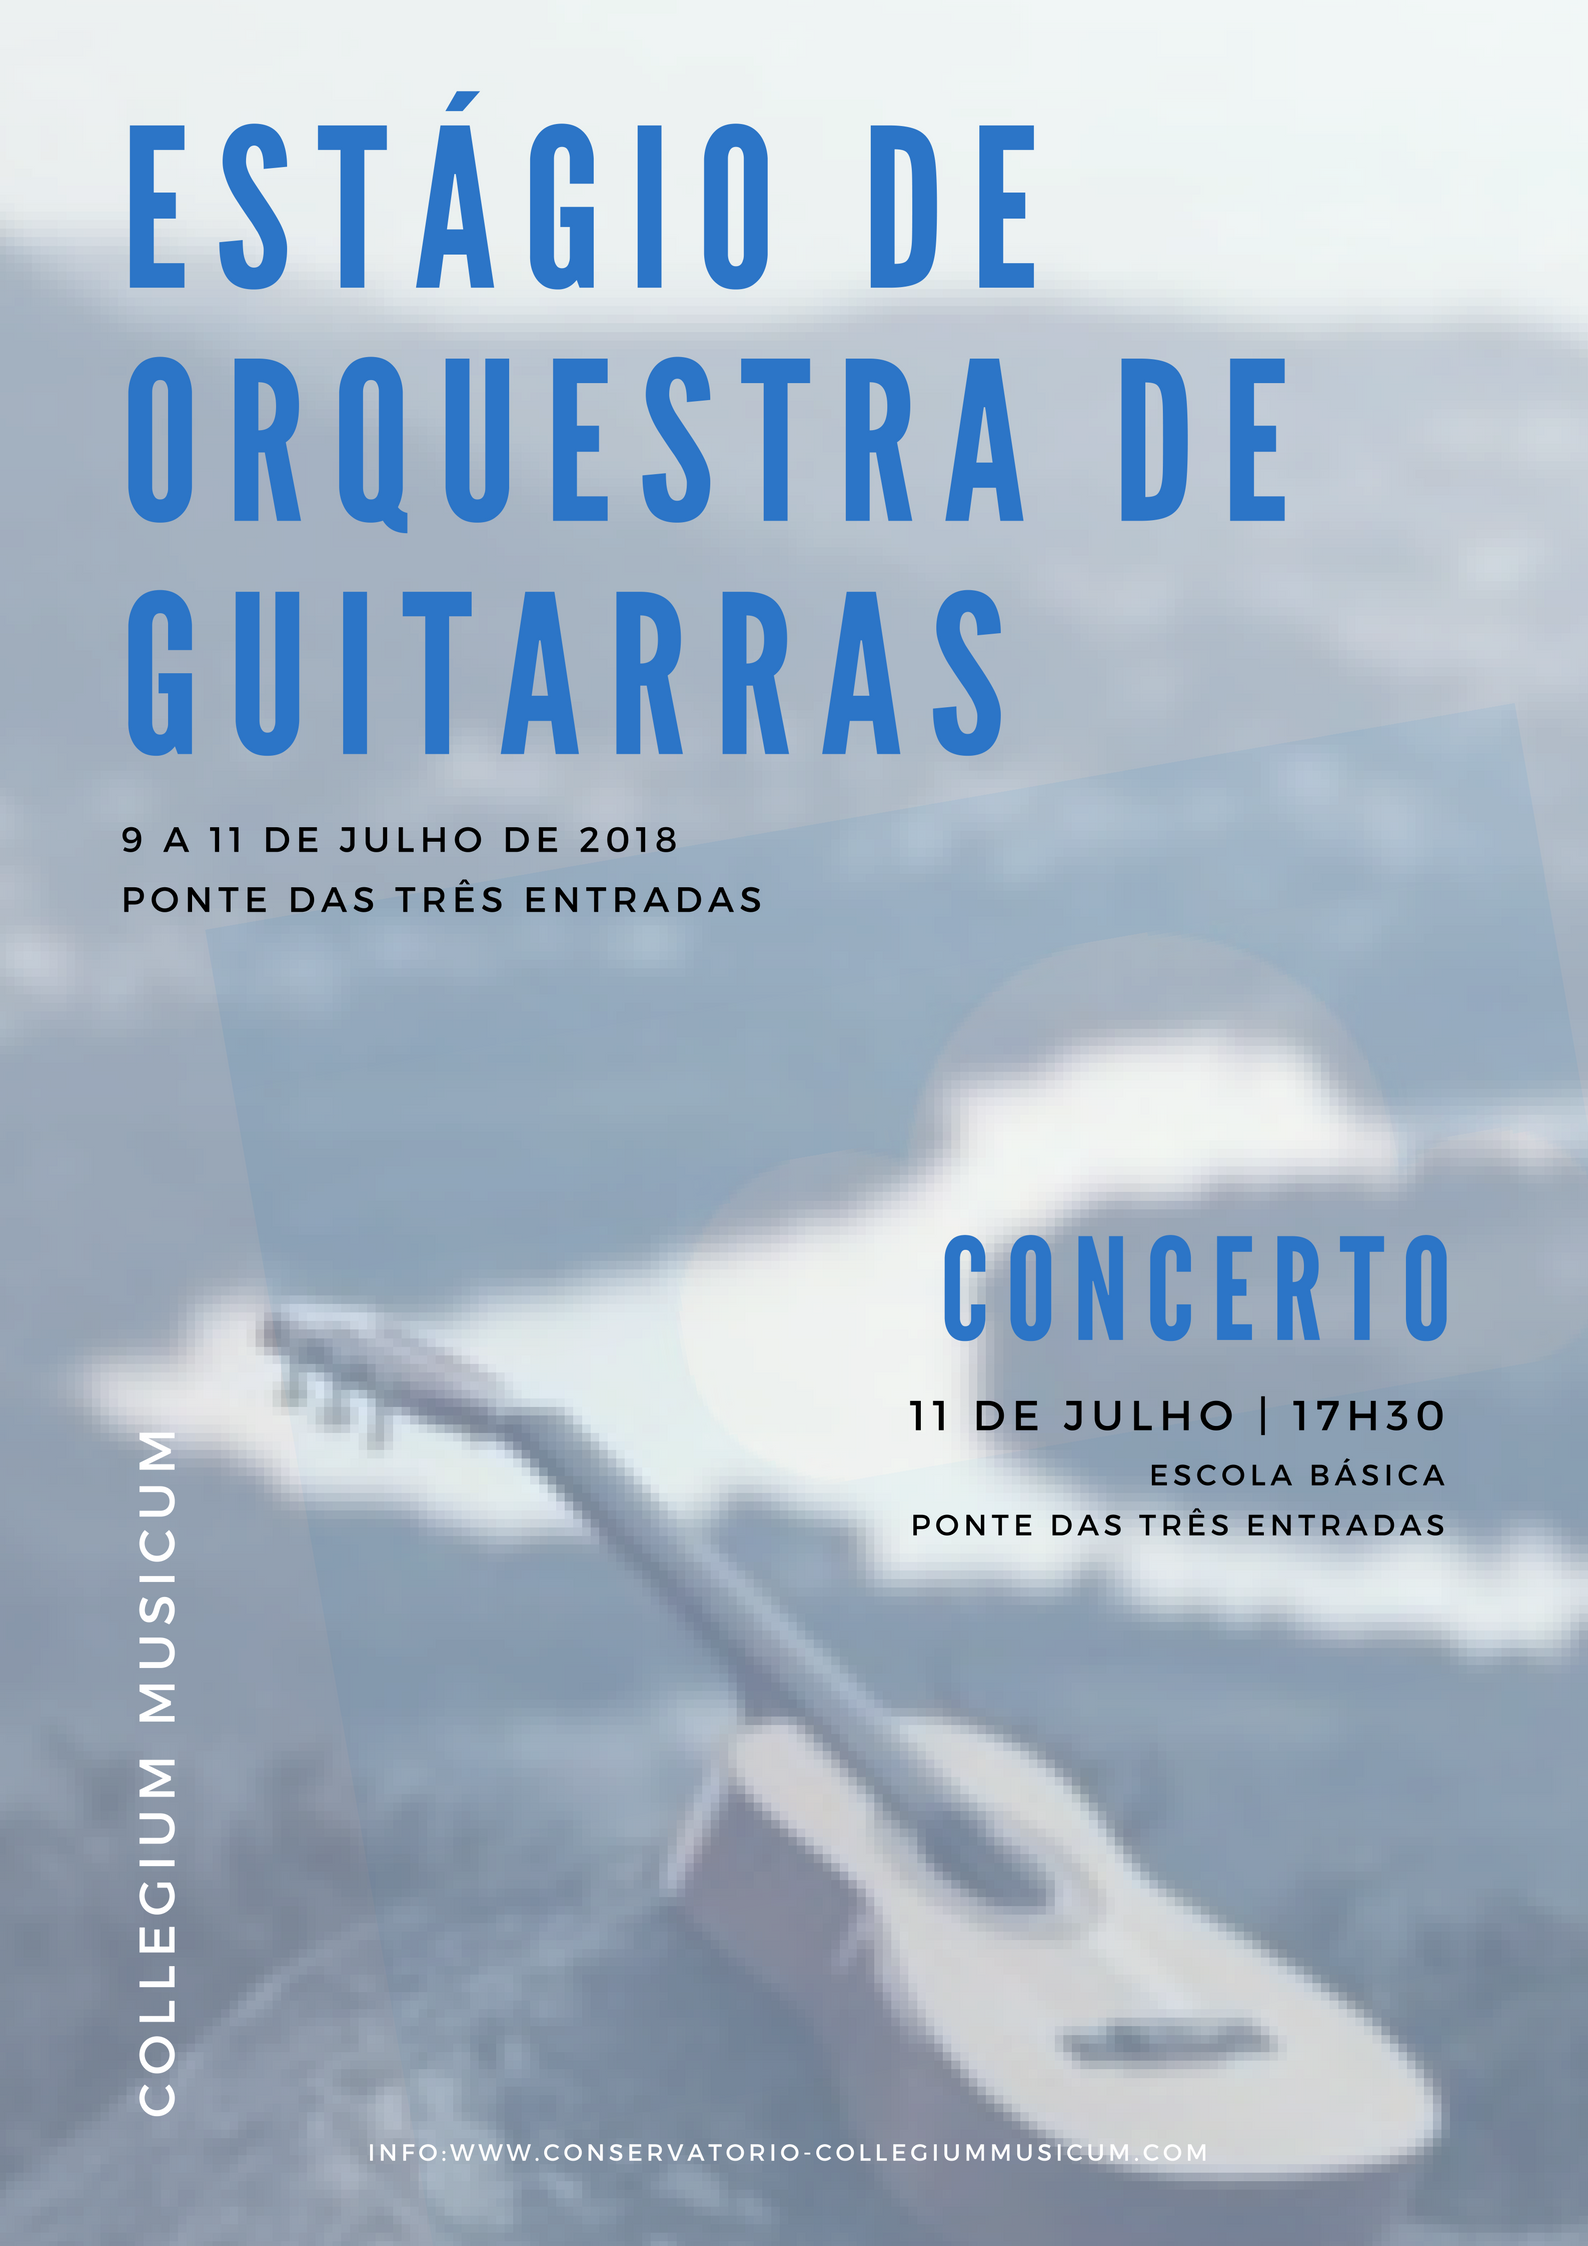 Estágio de Orquestra de Guitarras